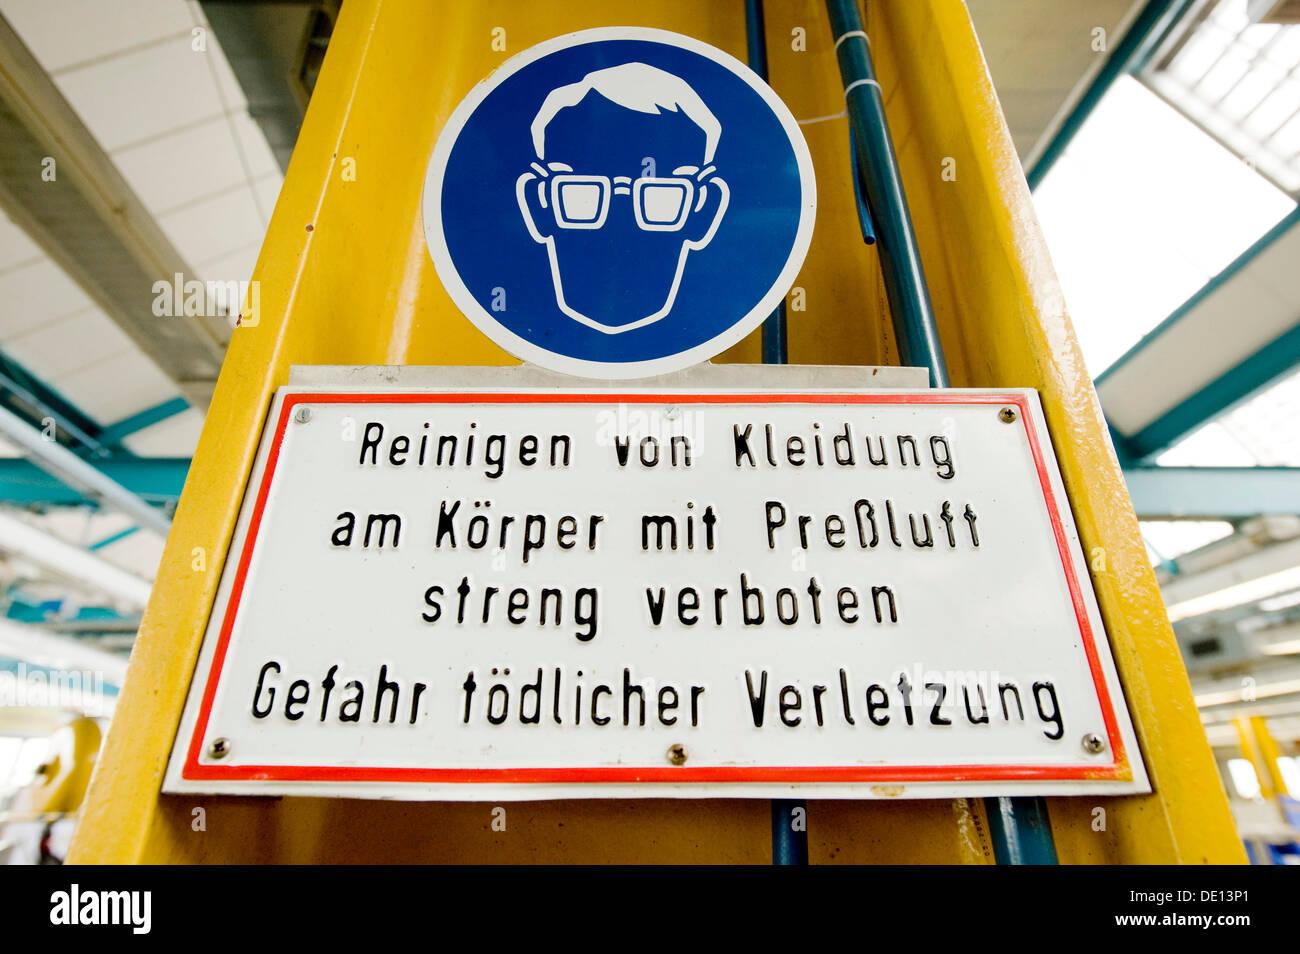 Eye protection sign, Reinigen von Kleidung am Koerper mit Pressluft streng verboten, Gefahr toedlicher Verletzung, German for - Stock Image